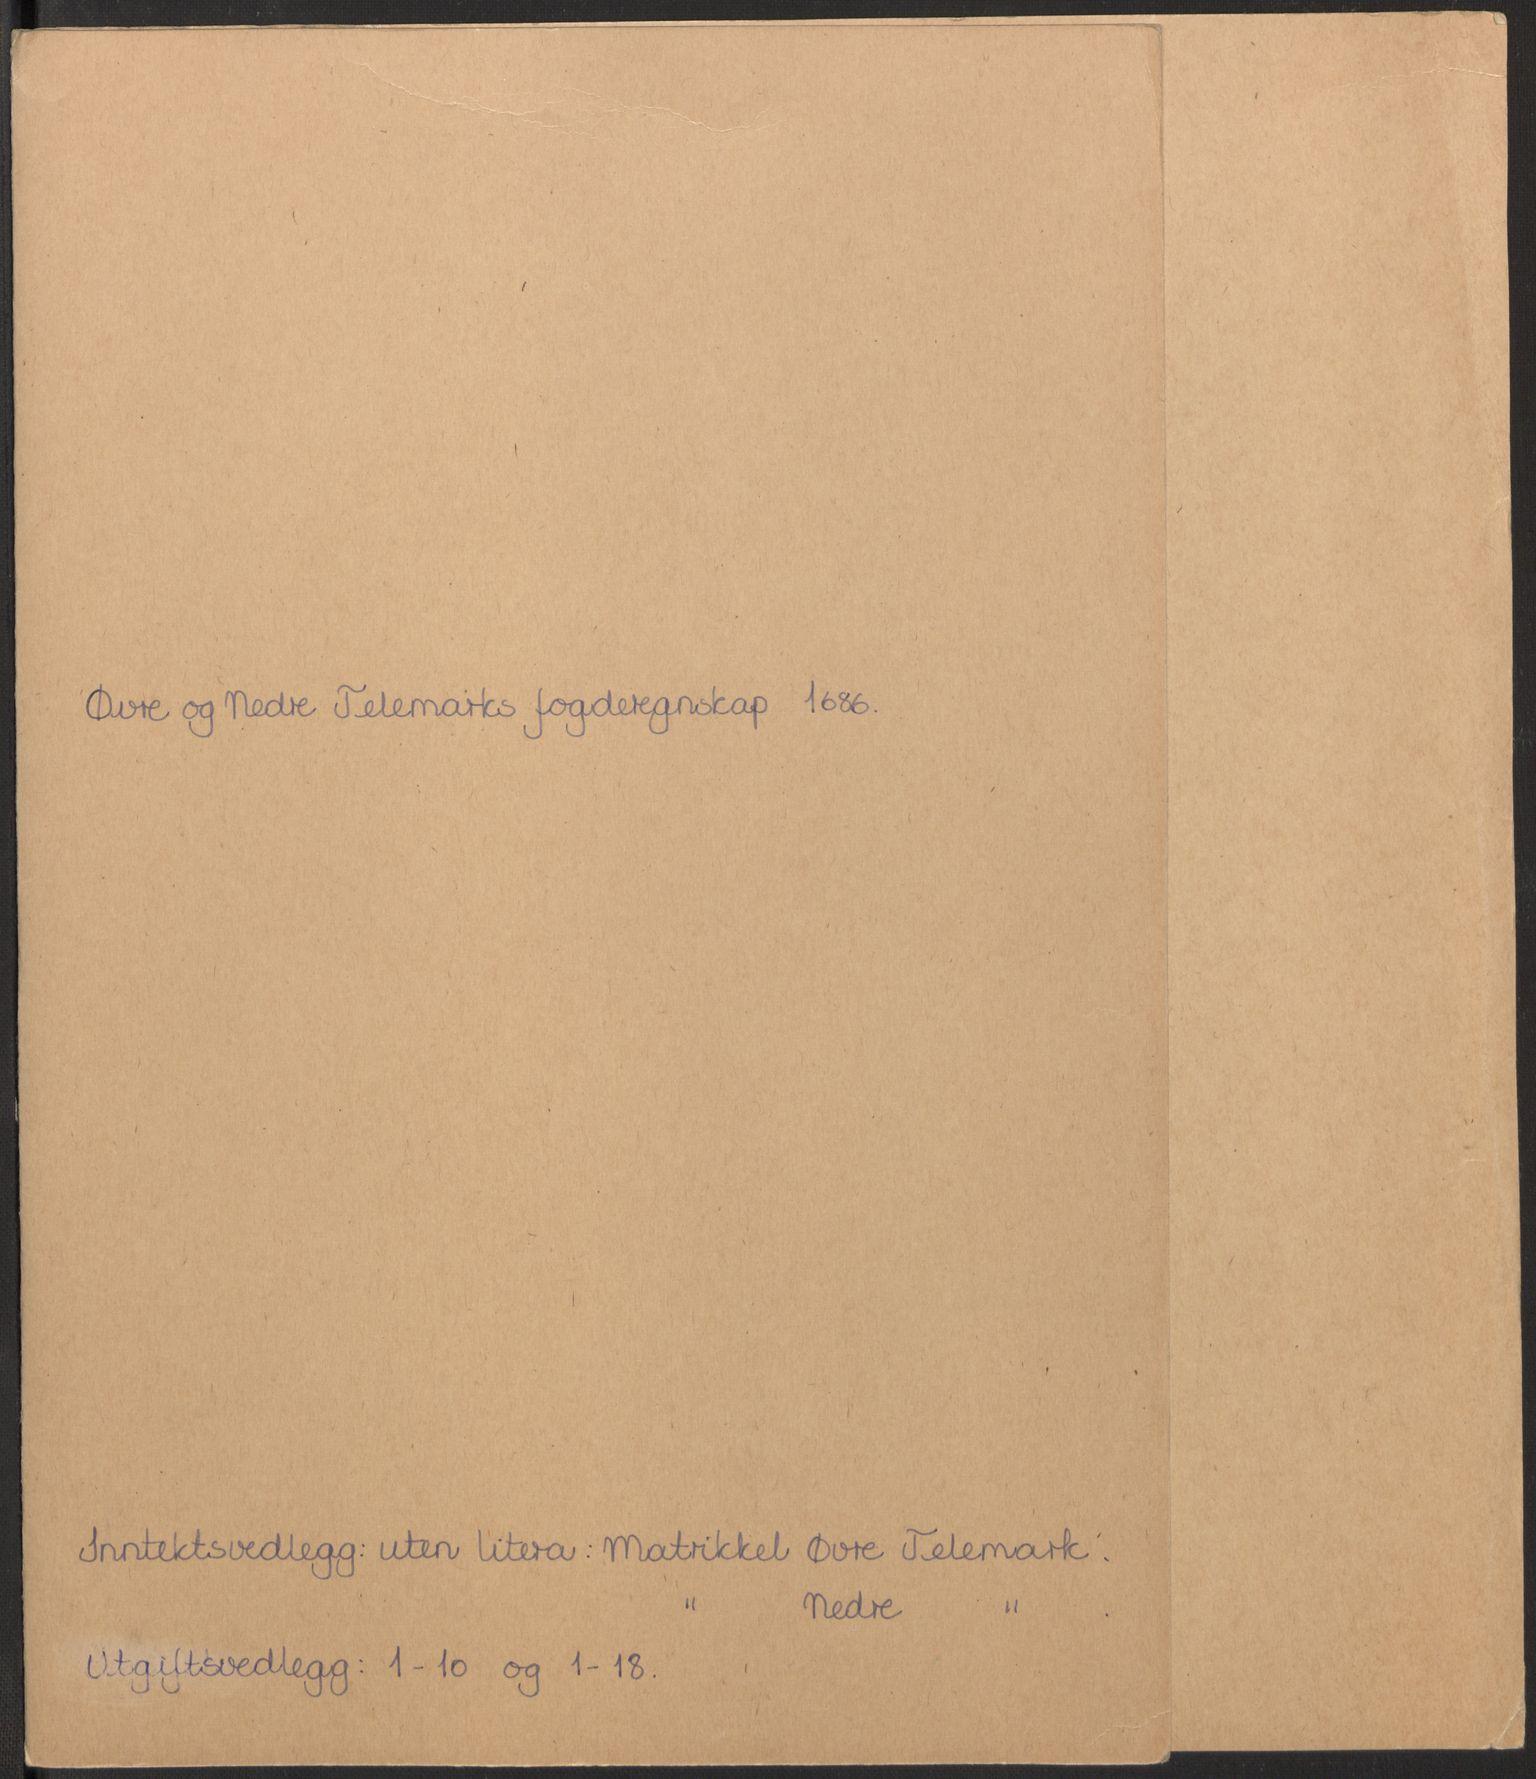 RA, Rentekammeret inntil 1814, Reviderte regnskaper, Fogderegnskap, R35/L2084: Fogderegnskap Øvre og Nedre Telemark, 1686, s. 2